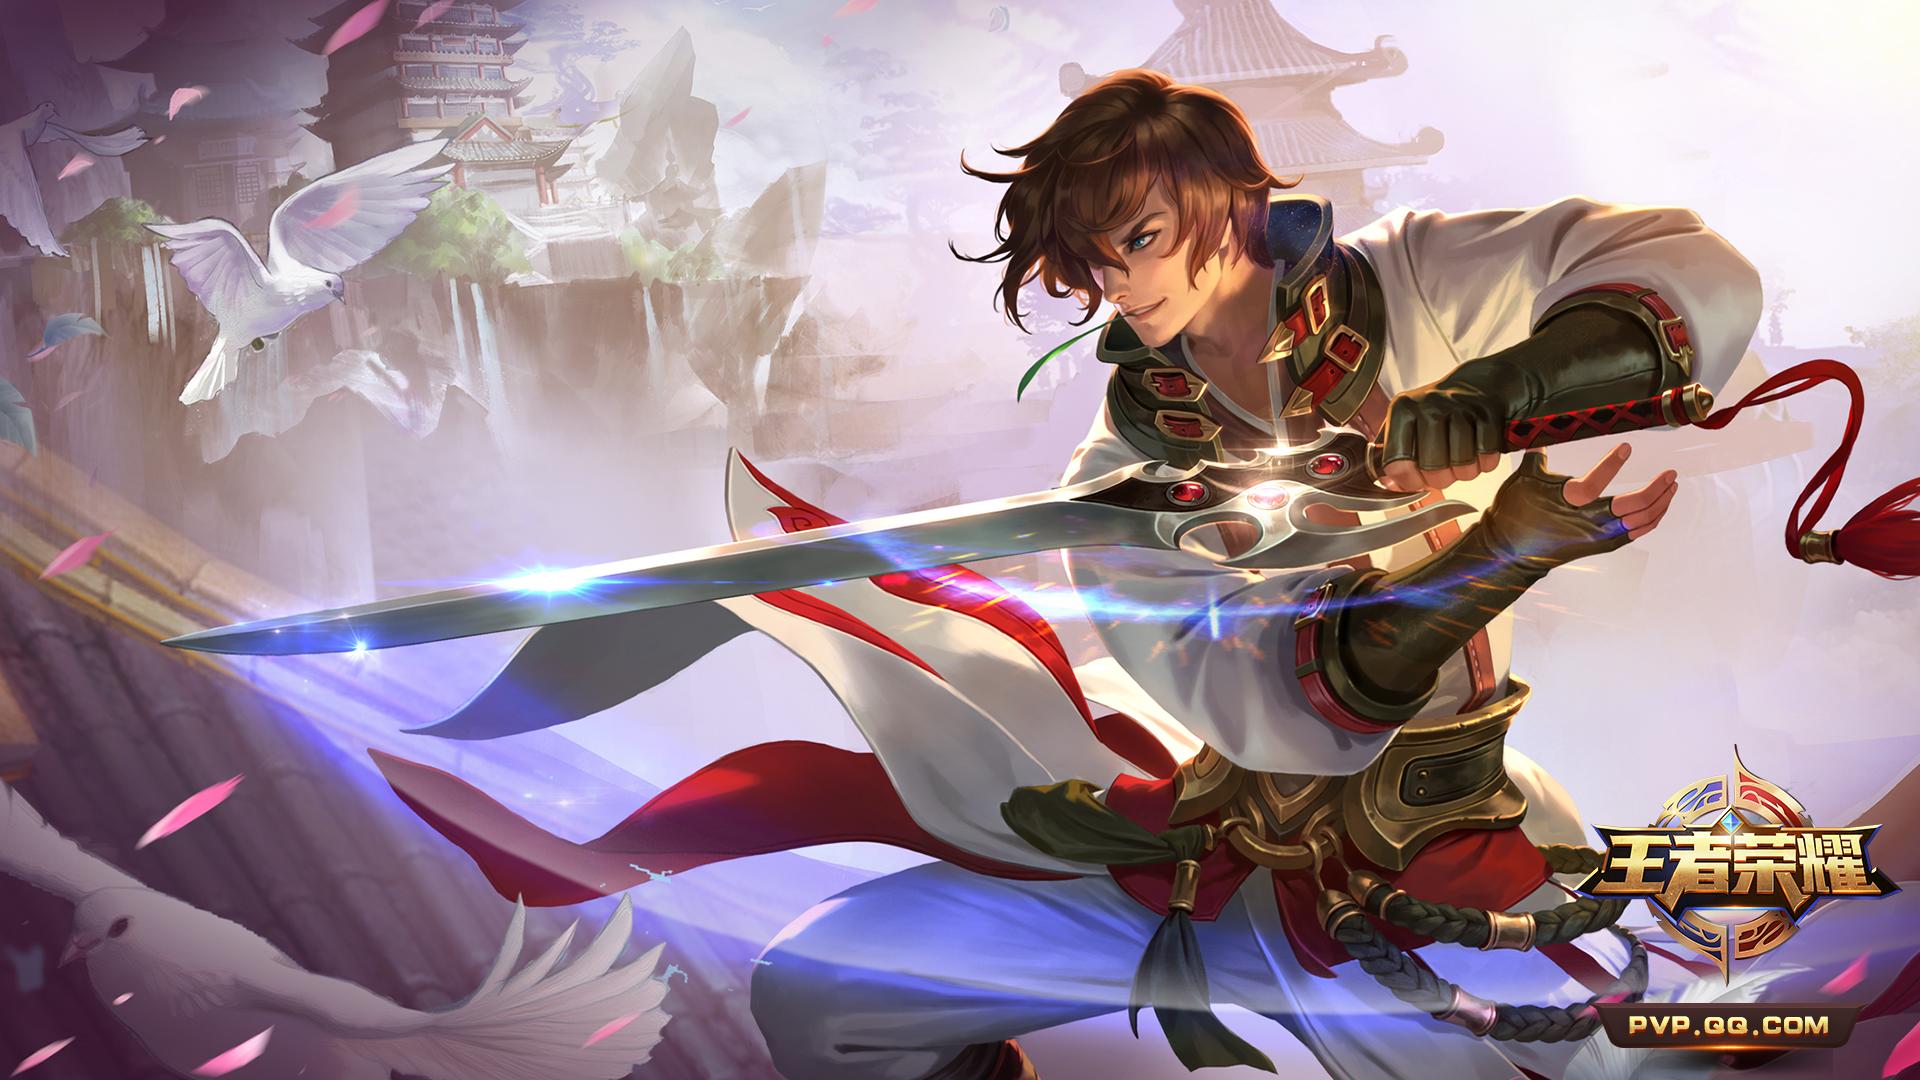 第1弹《王者荣耀英雄皮肤CG》竞技游戏233